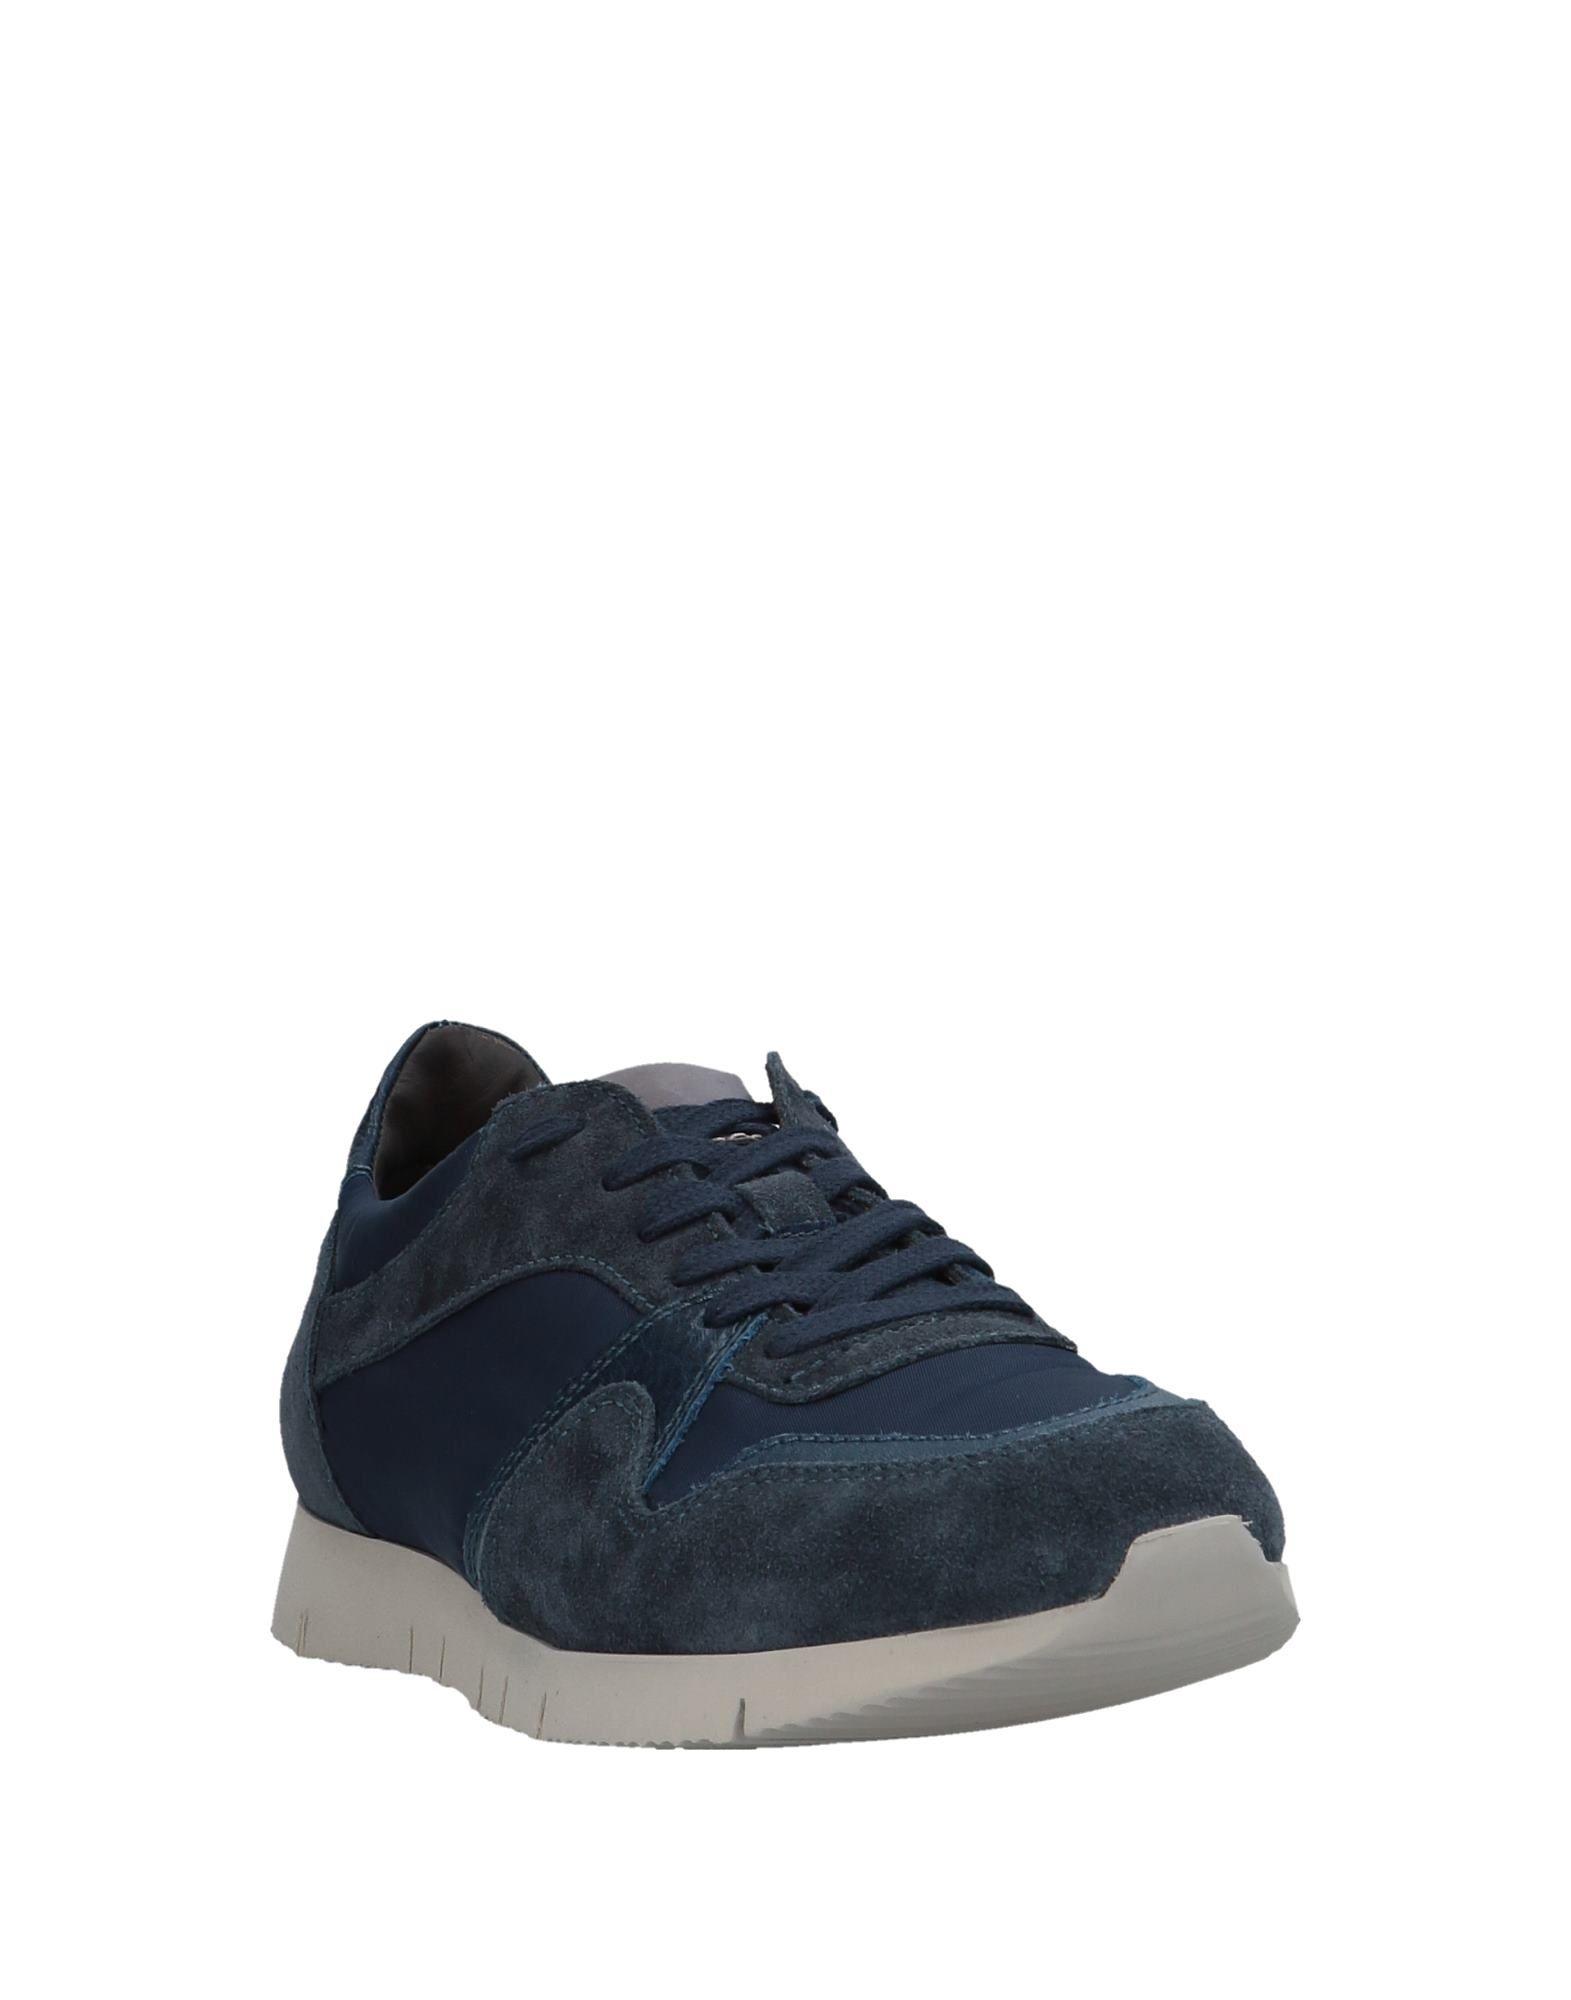 A.Testoni Sneakers Herren Herren Herren  11542632XP Gute Qualität beliebte Schuhe ee2d2d